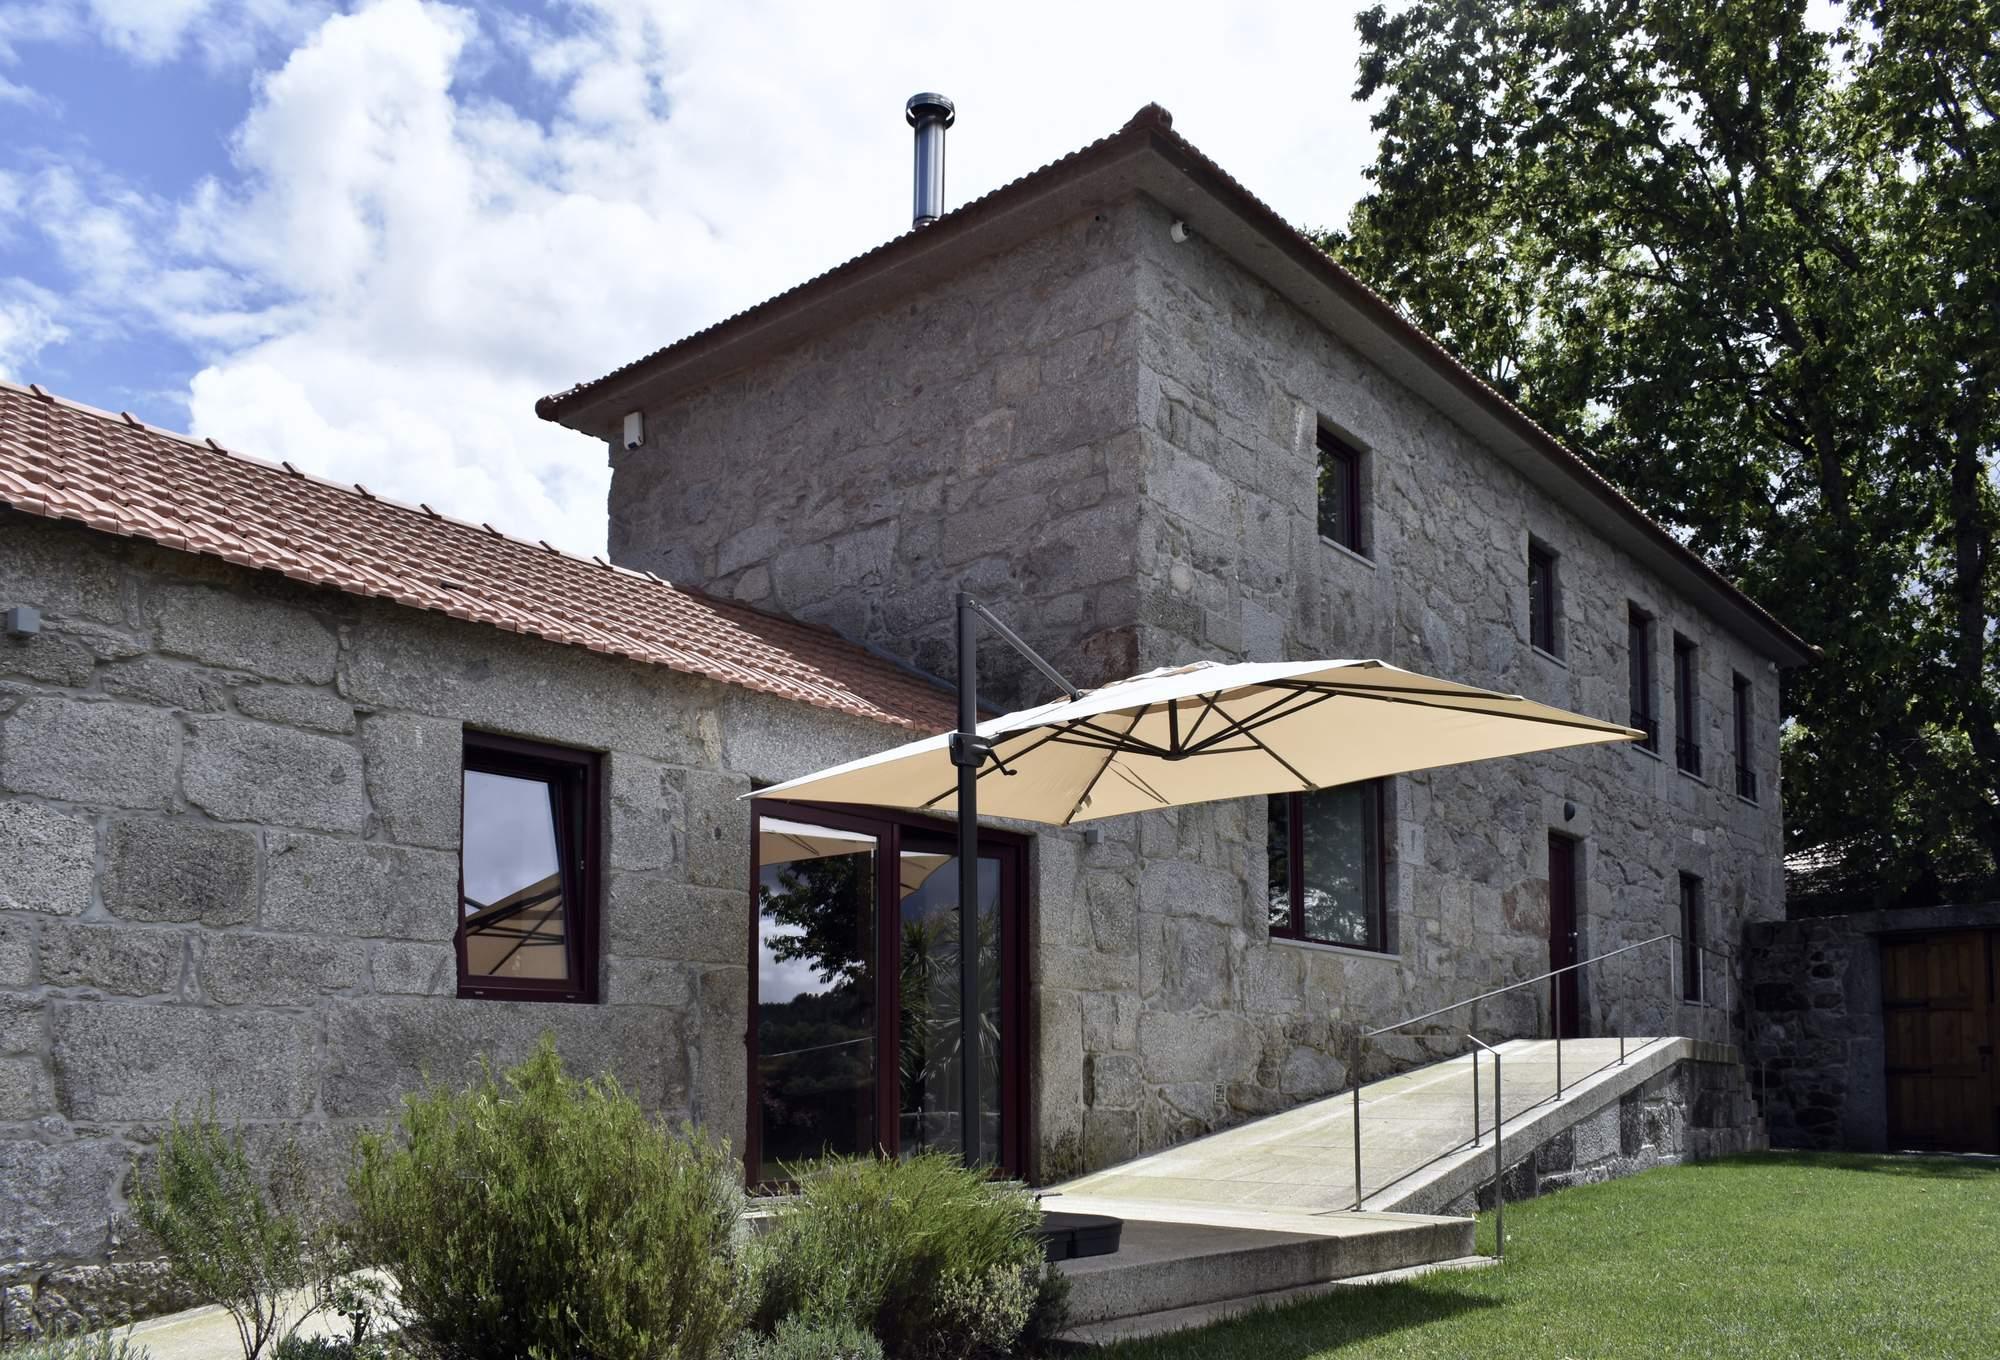 Реконструкция сельского дома 19 века, Португалия